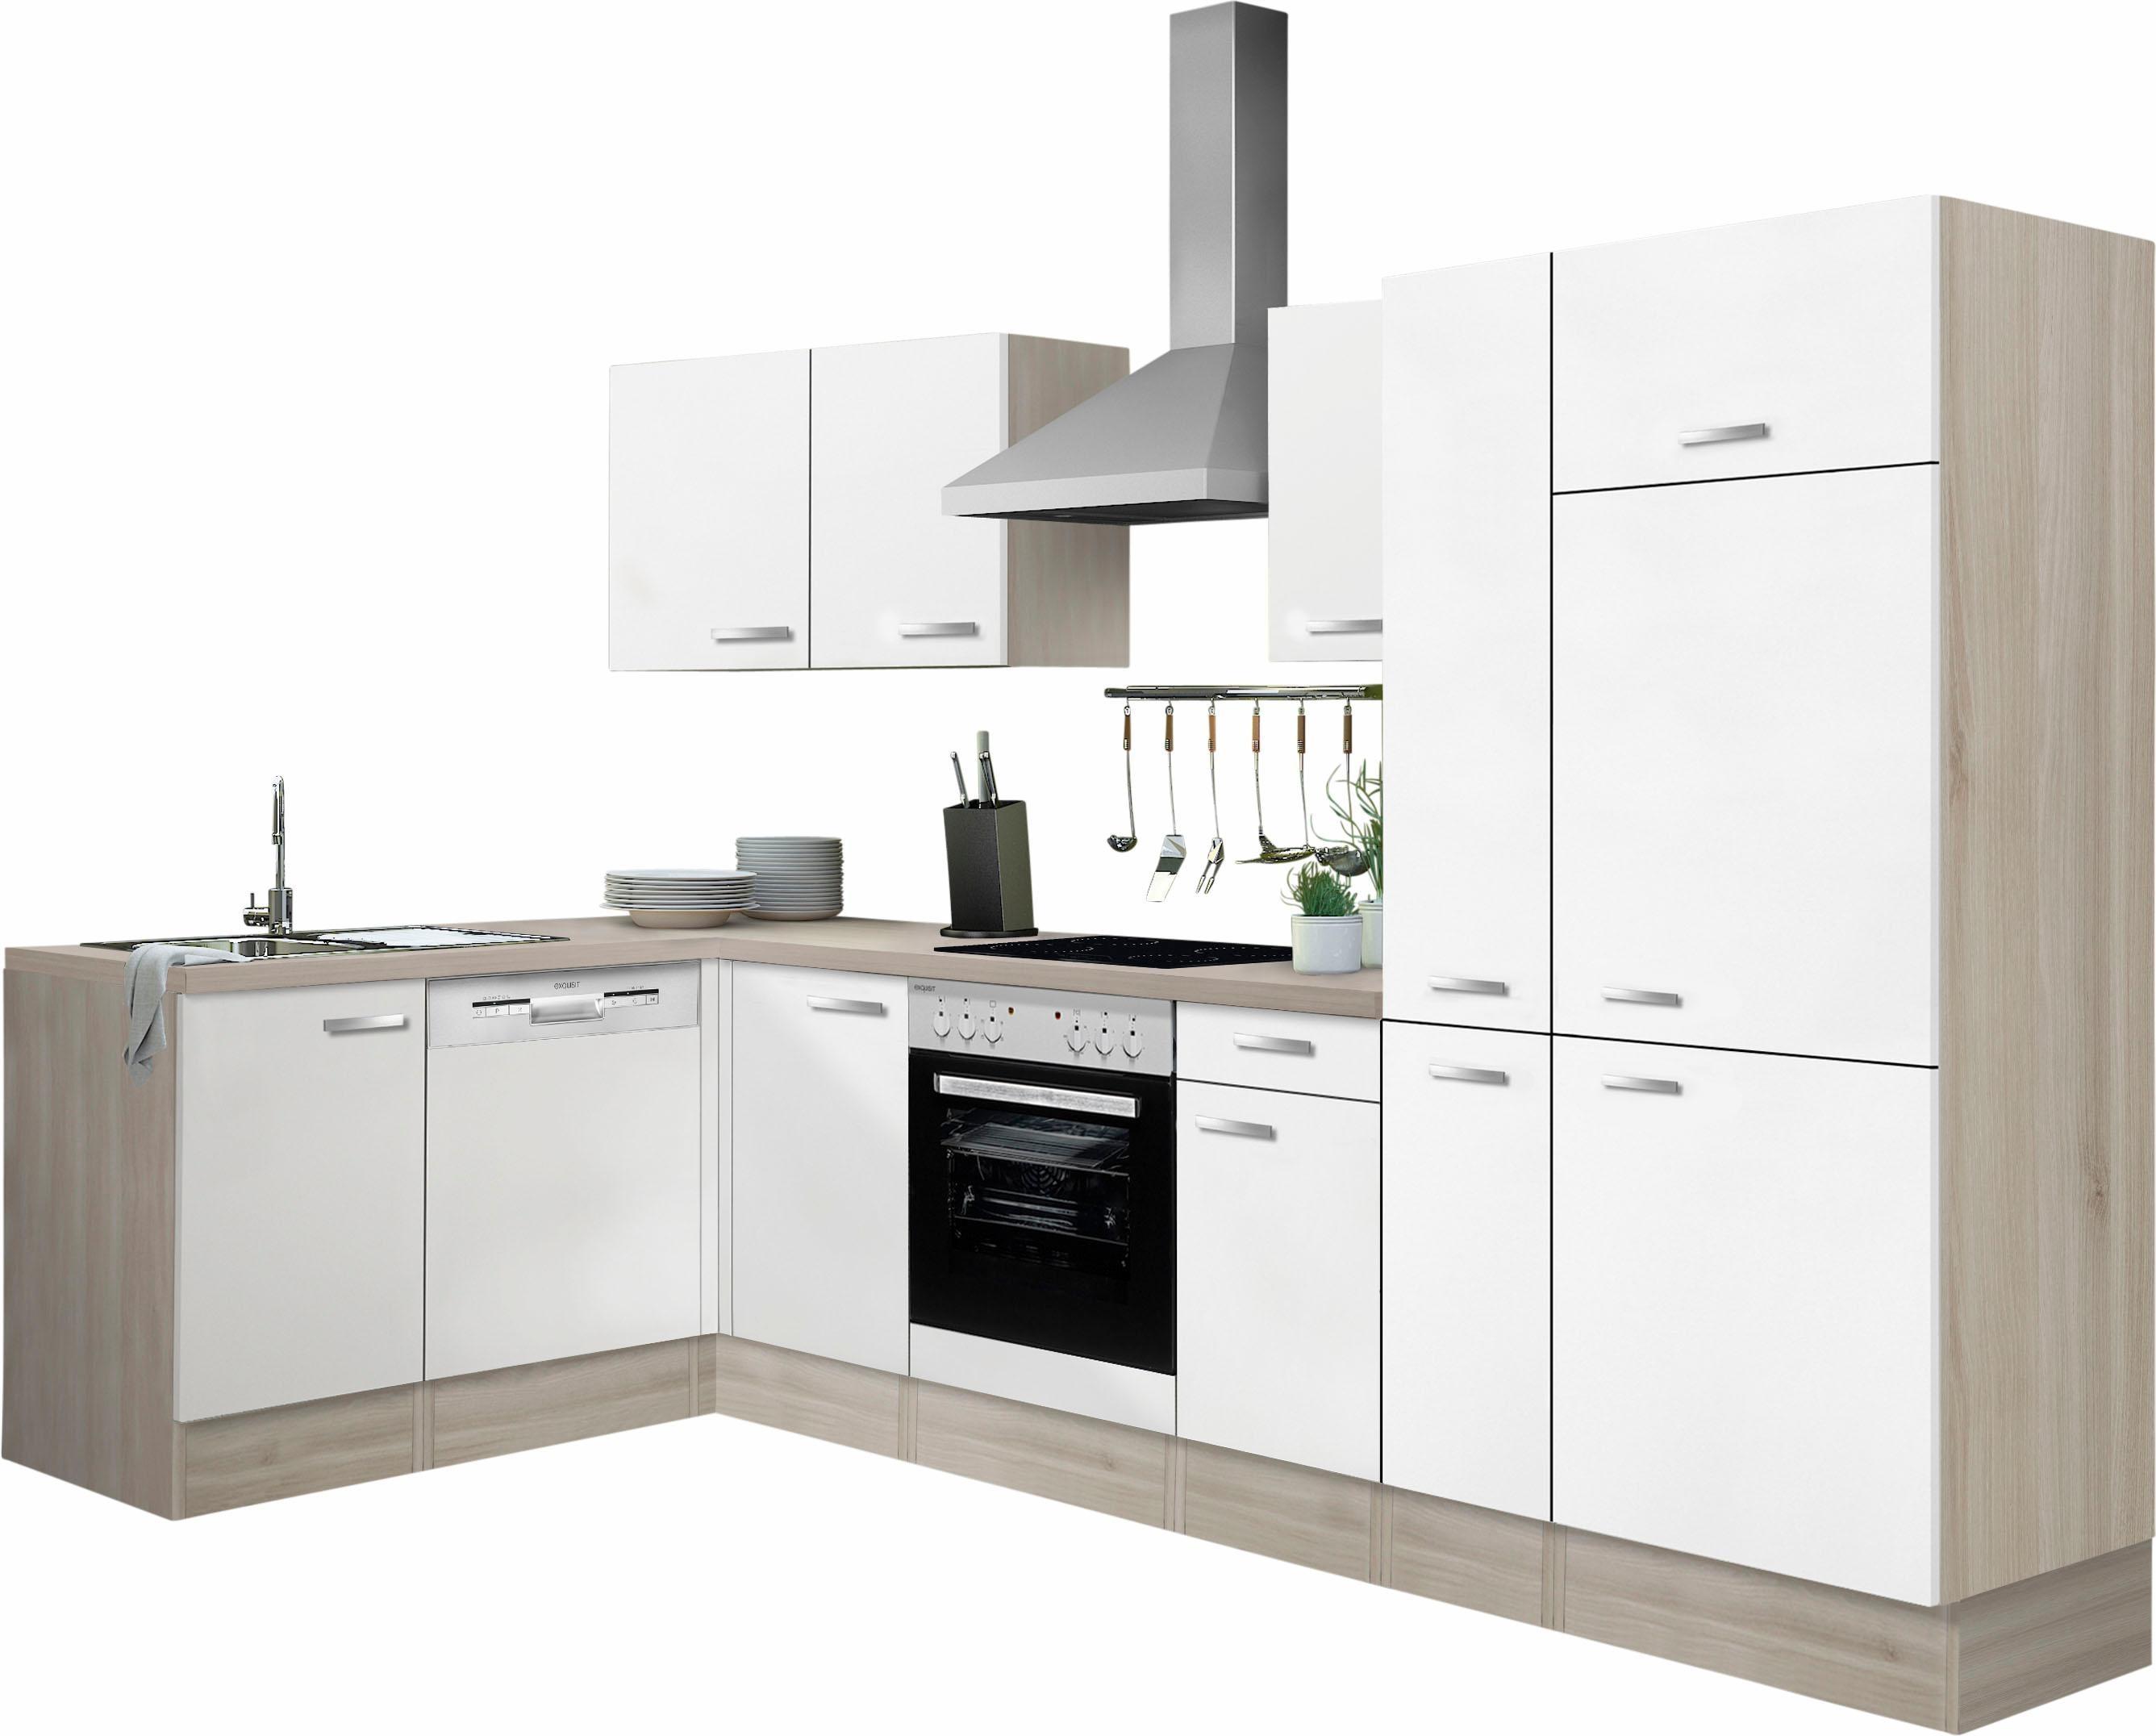 Optifit Winkelküche ohne E-Geräte »Faro«, Breite 300 x 175 cm | Küche und Esszimmer > Küchen > Winkelküchen | Weiß | Edelstahl | OPTIFIT